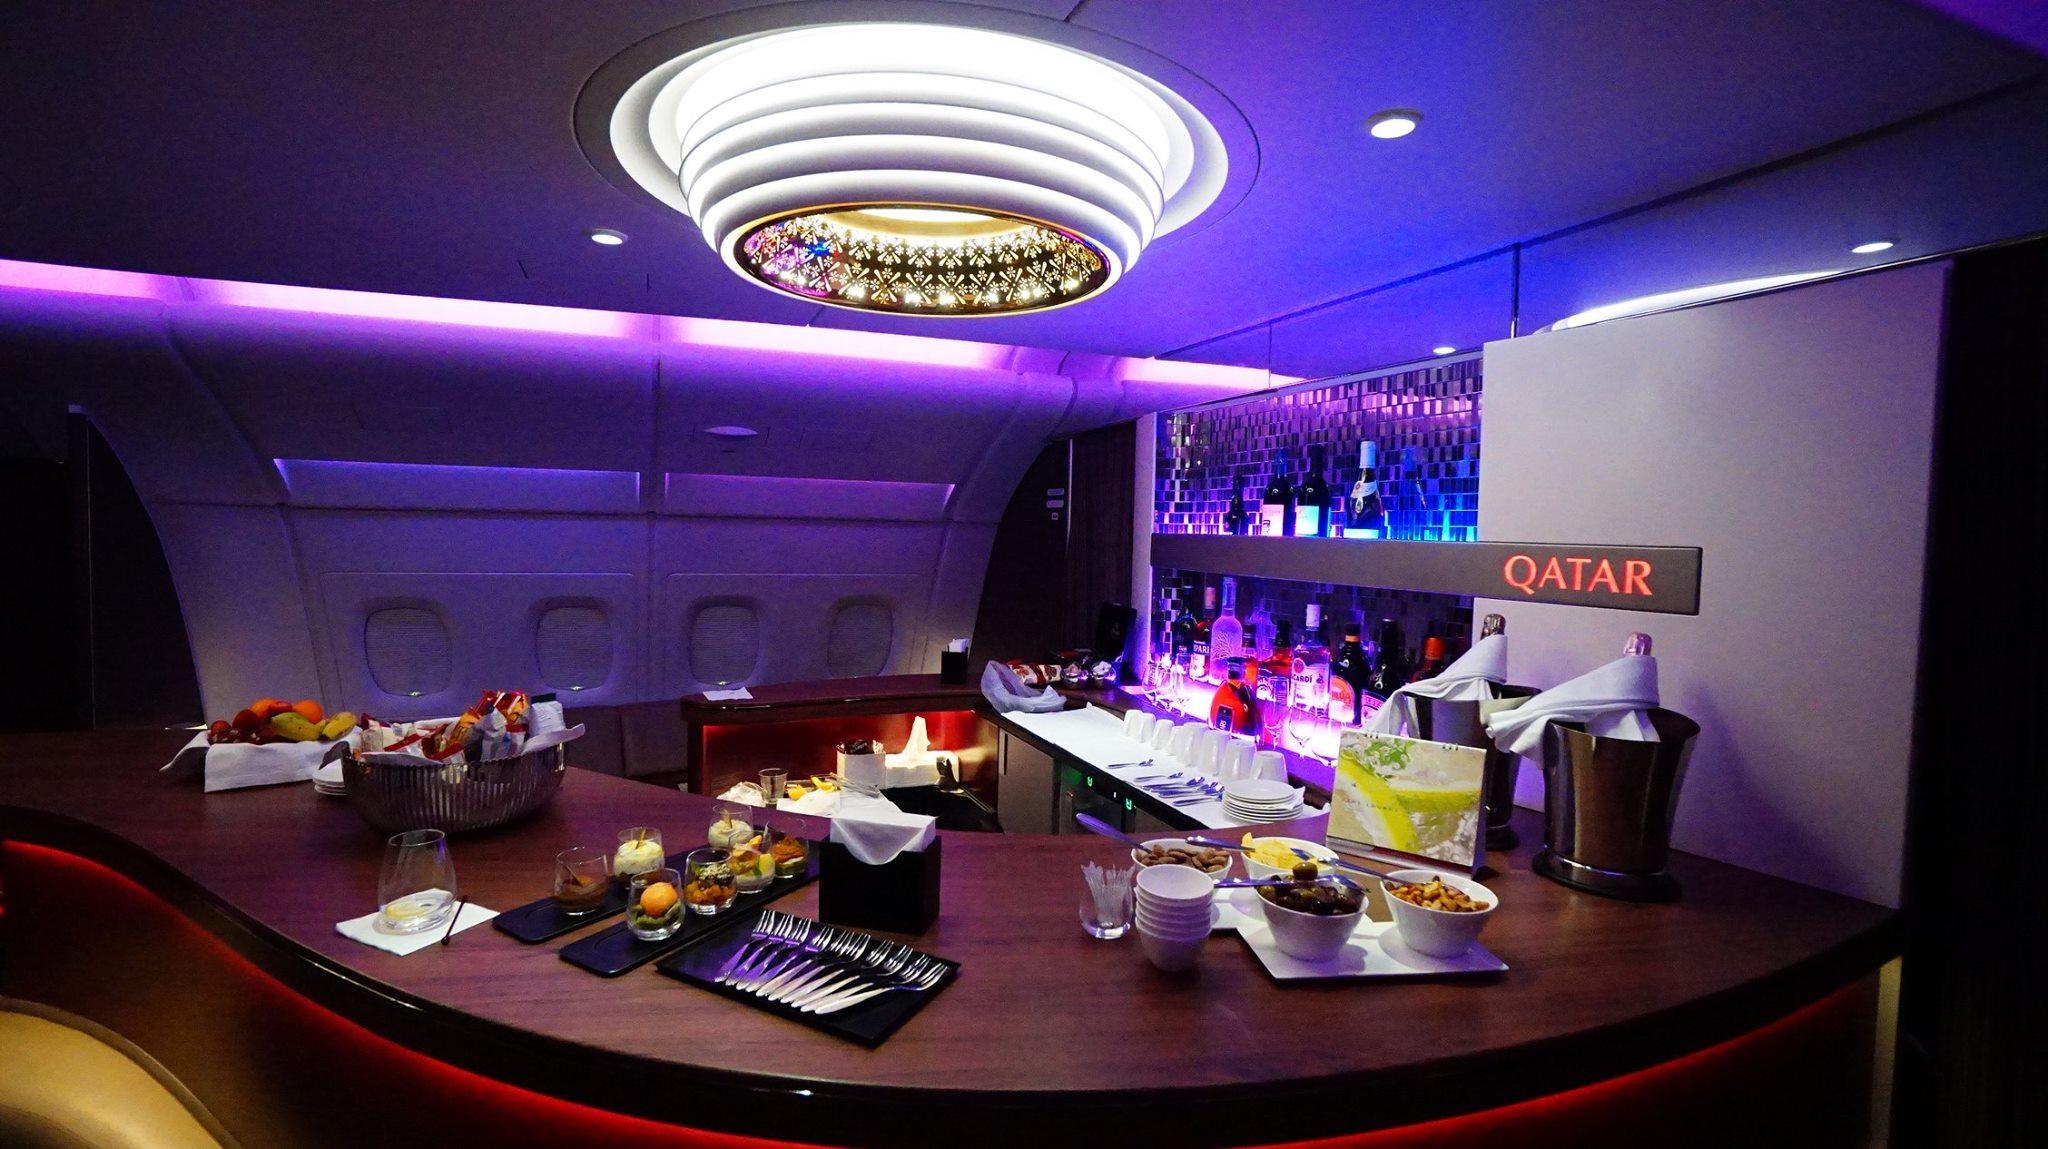 卡塔爾航空 Qatar Airways A380頭等艙體驗【DOH – BKK】